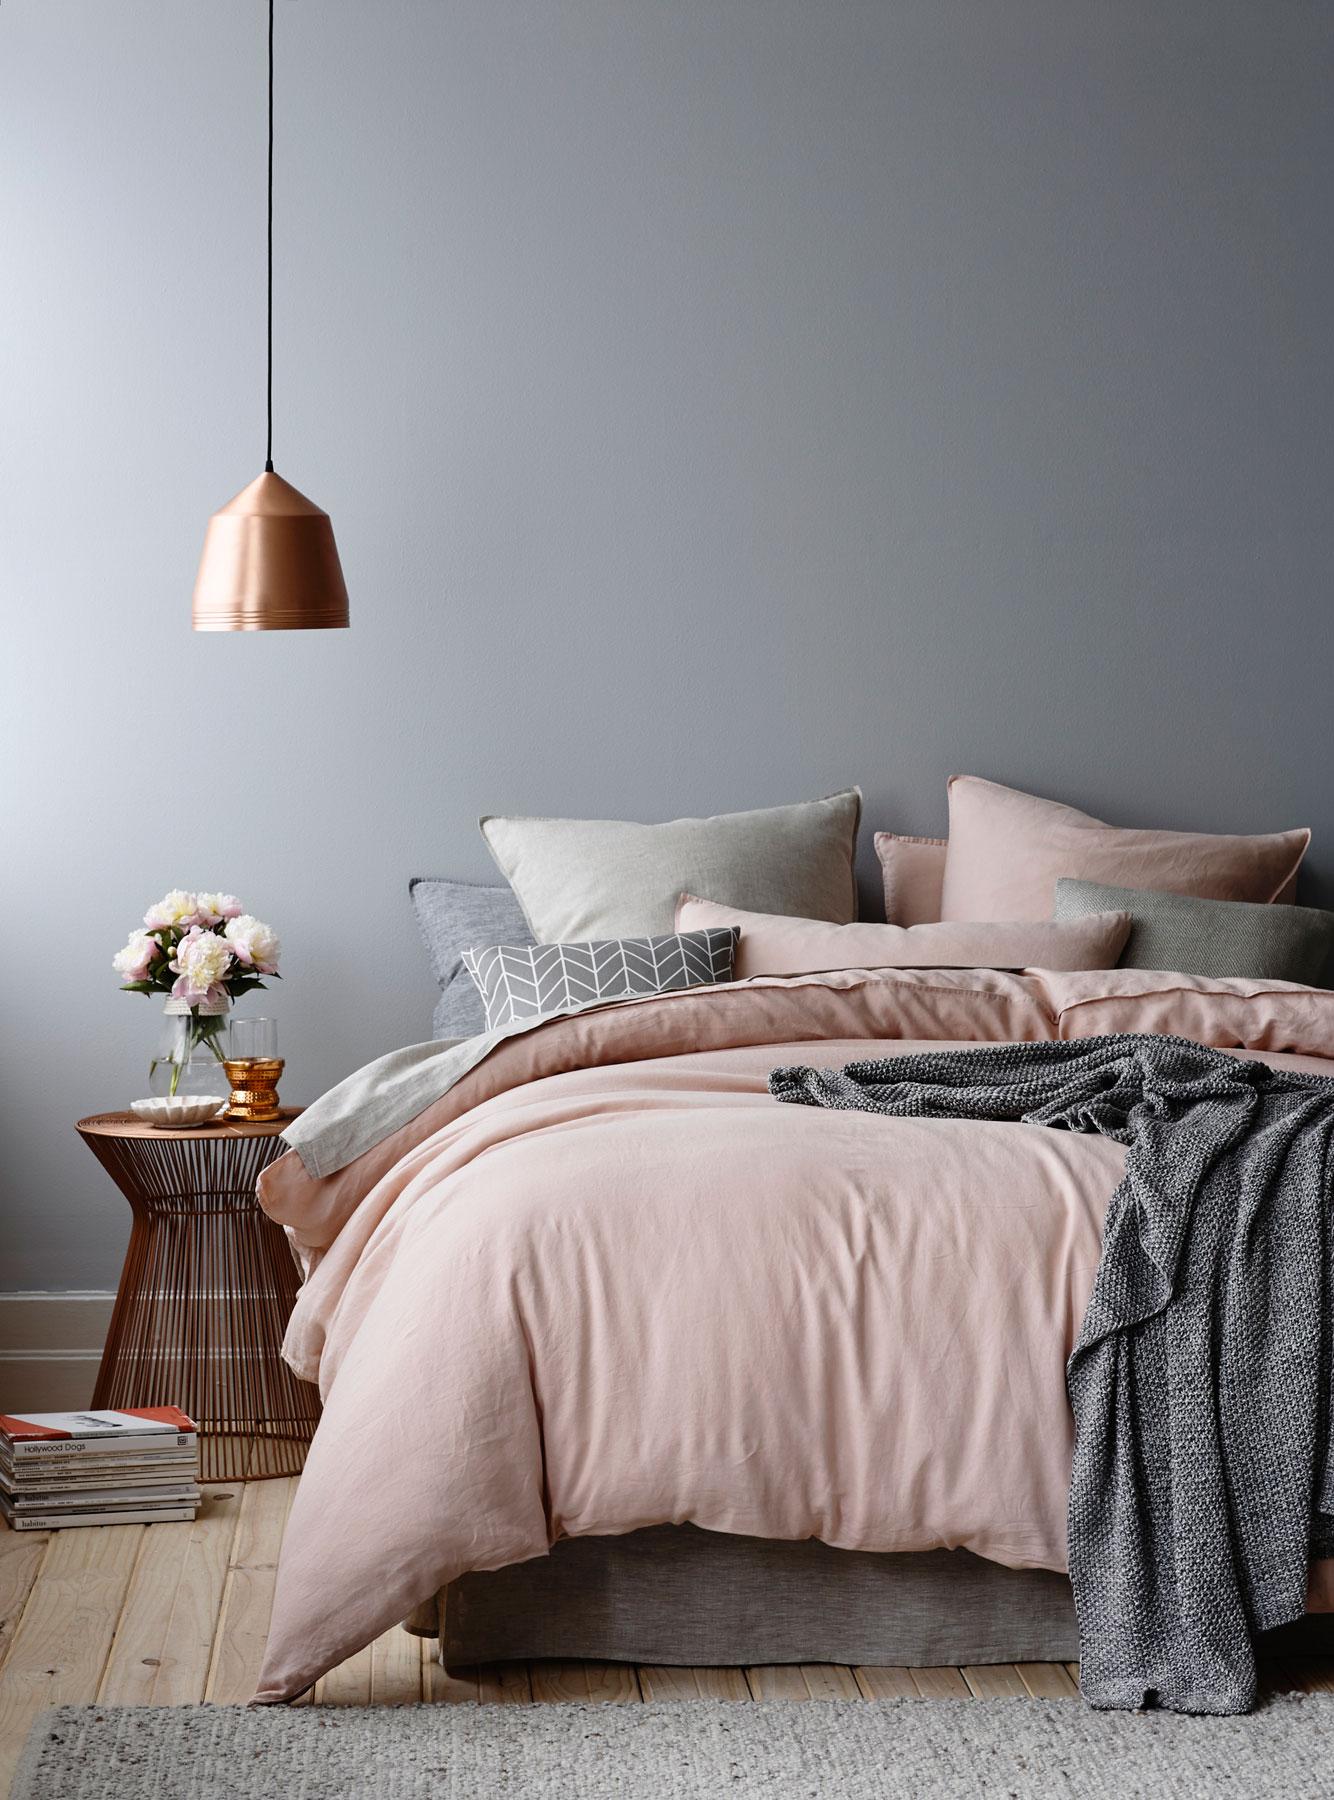 10 idee da copiare da una camera da letto in stile nordico ...